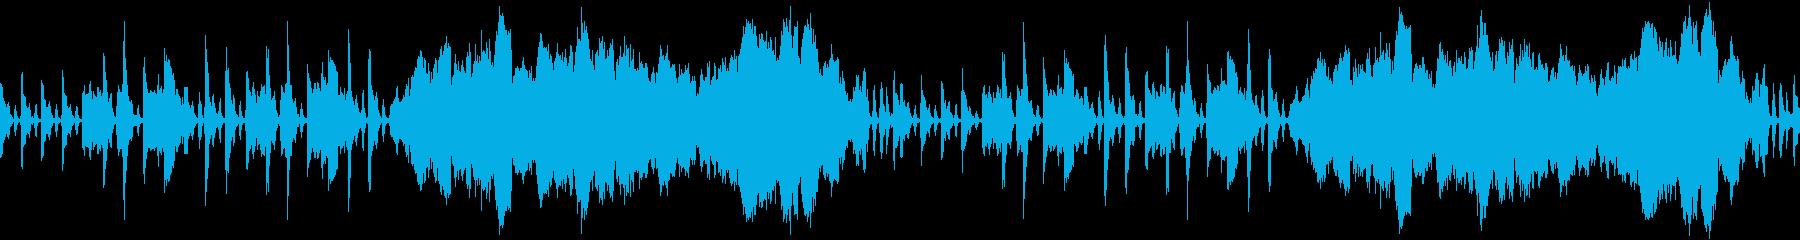 ストリングス主体の優雅なワルツの再生済みの波形